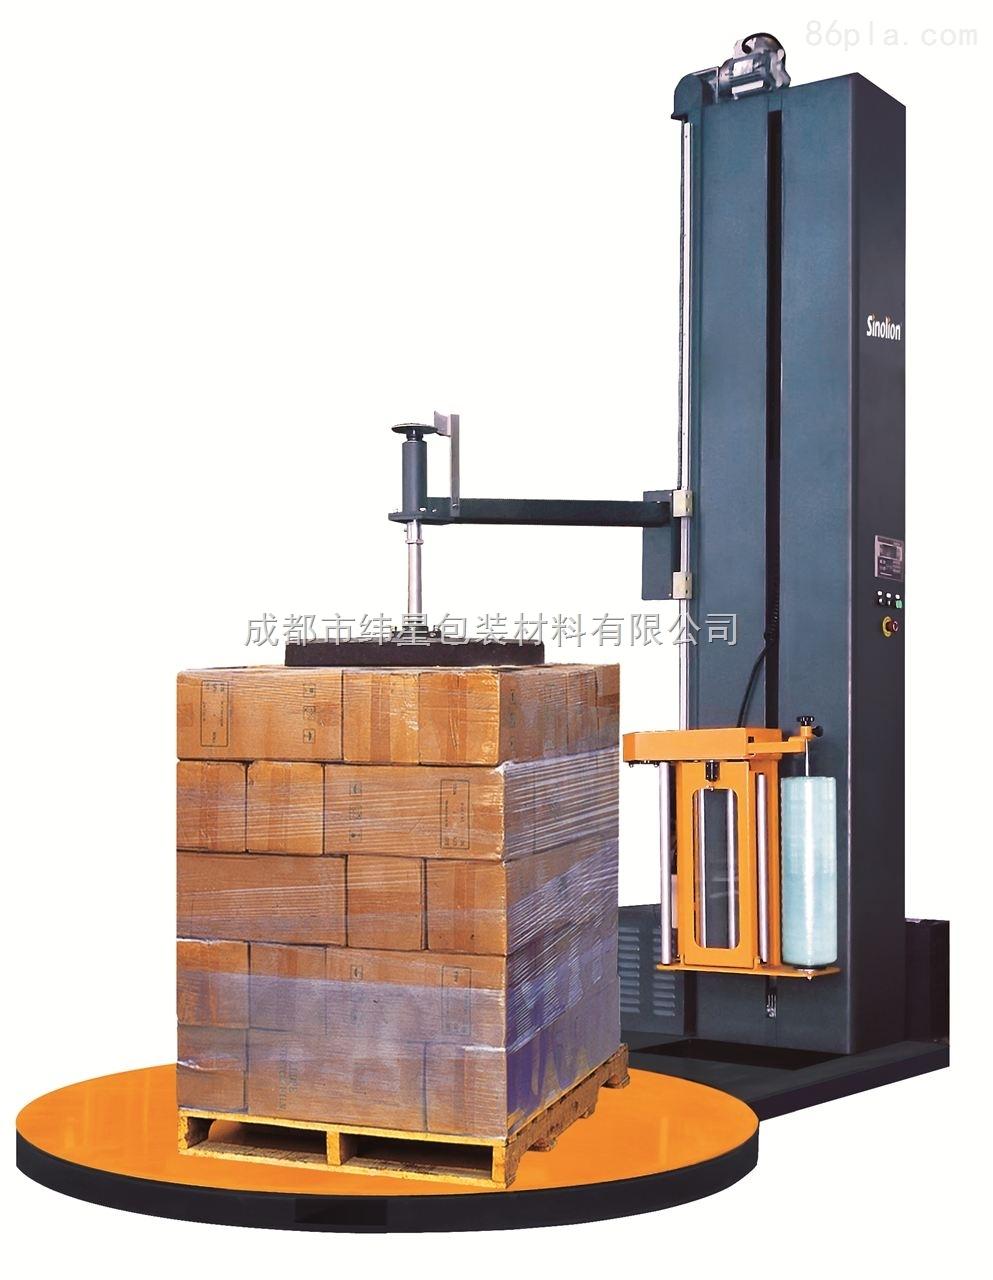 四川包装设备T1650F-CS自动预拉伸压顶型缠绕膜包装机